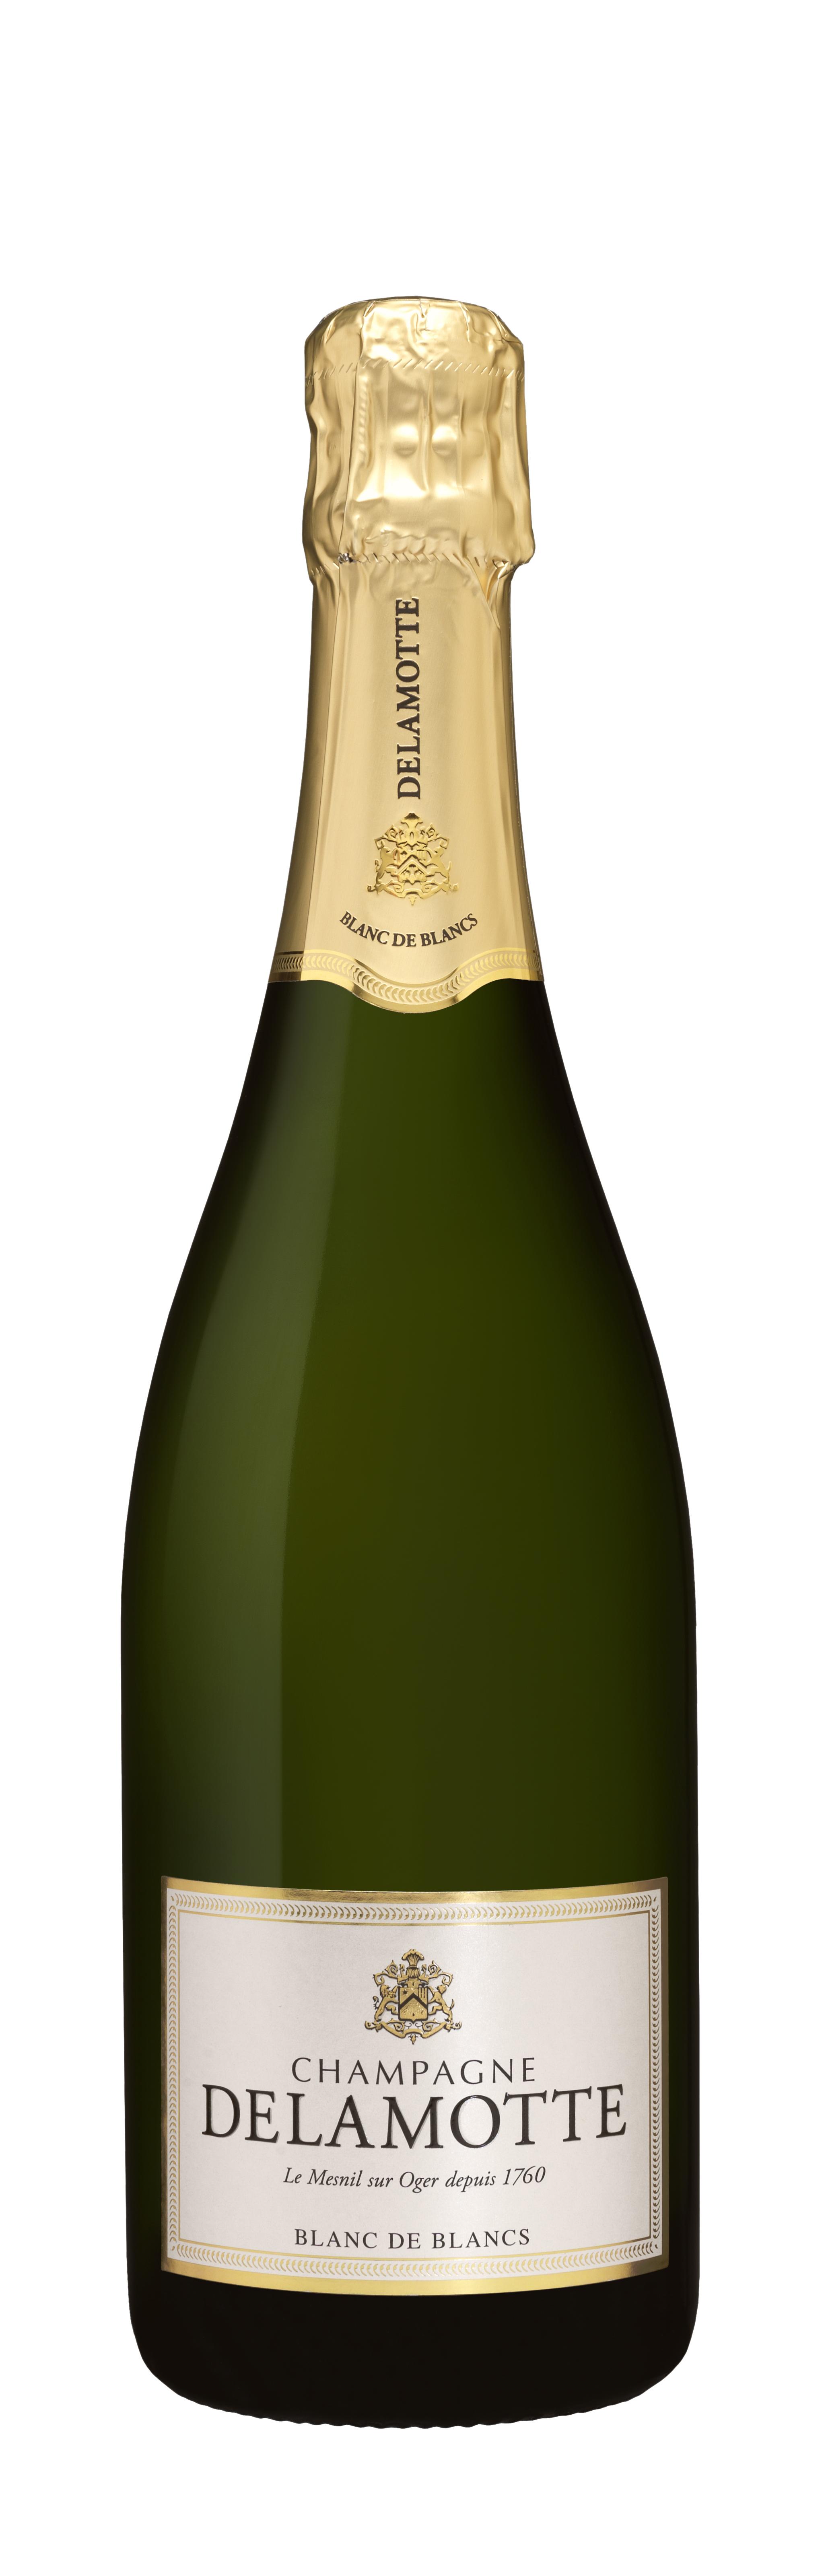 Champagne Delamotte Brut Blanc de Blancs Bottle.jpg